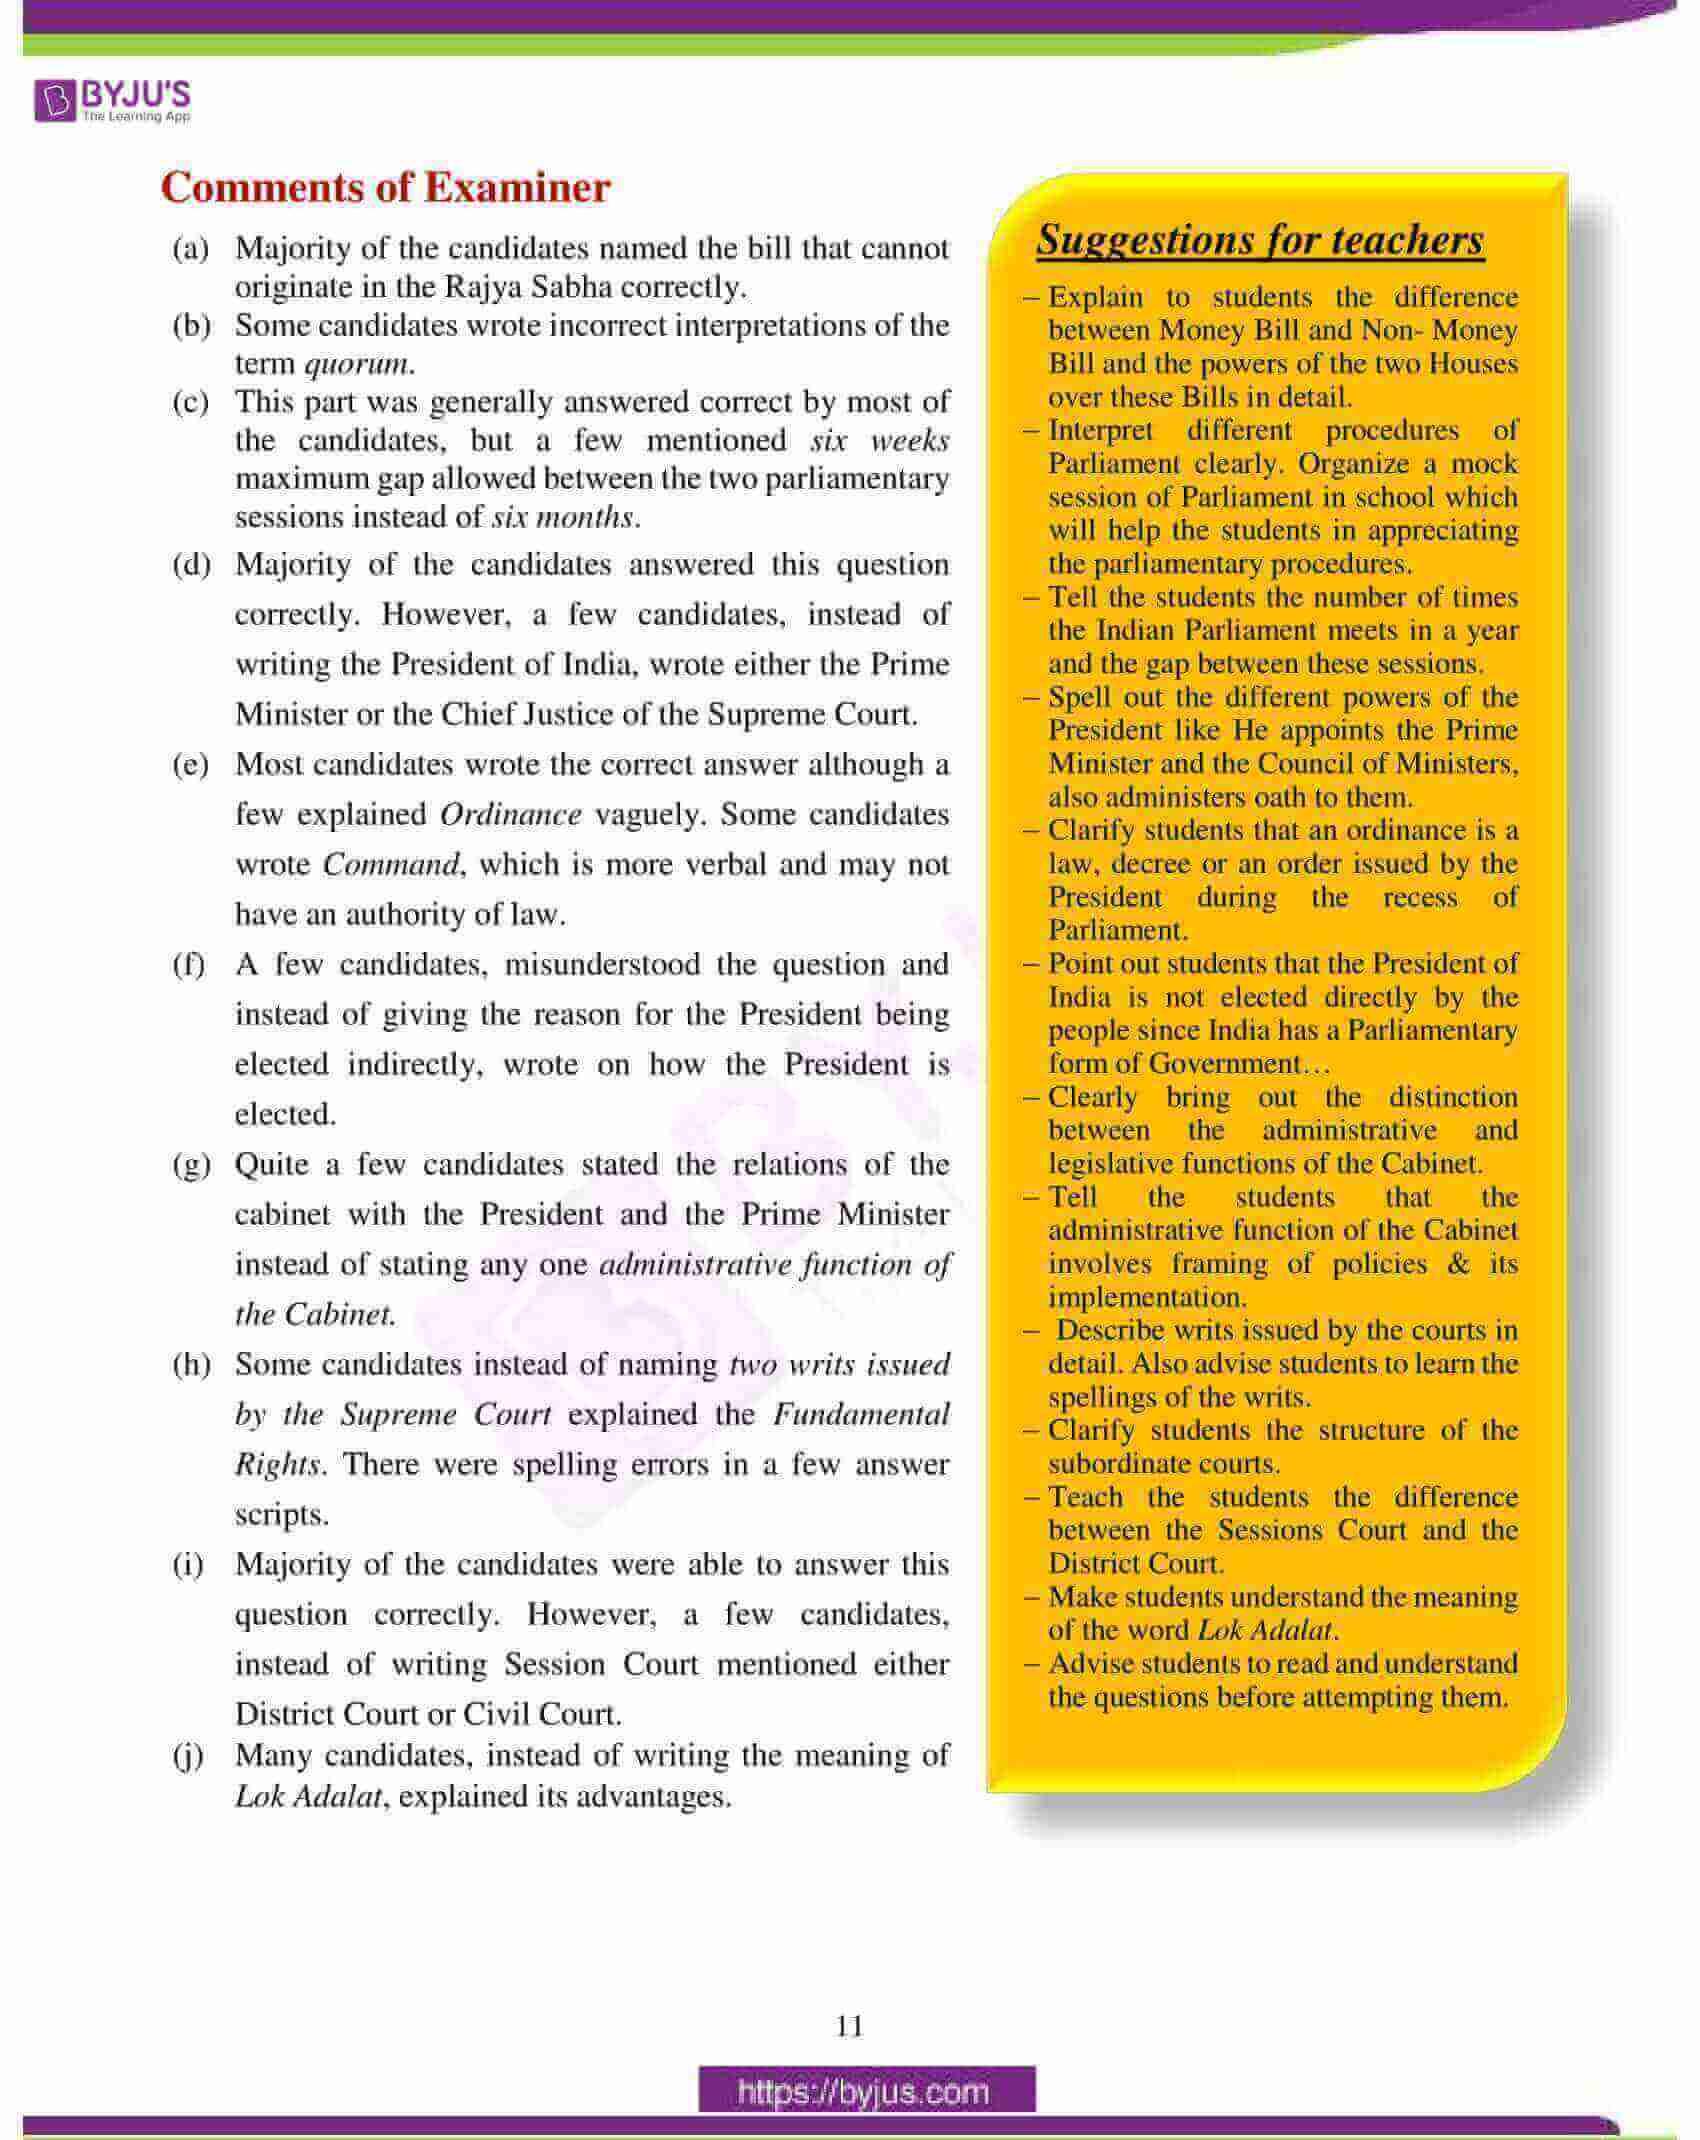 icse class 10 history civics question paper solution 2018 02